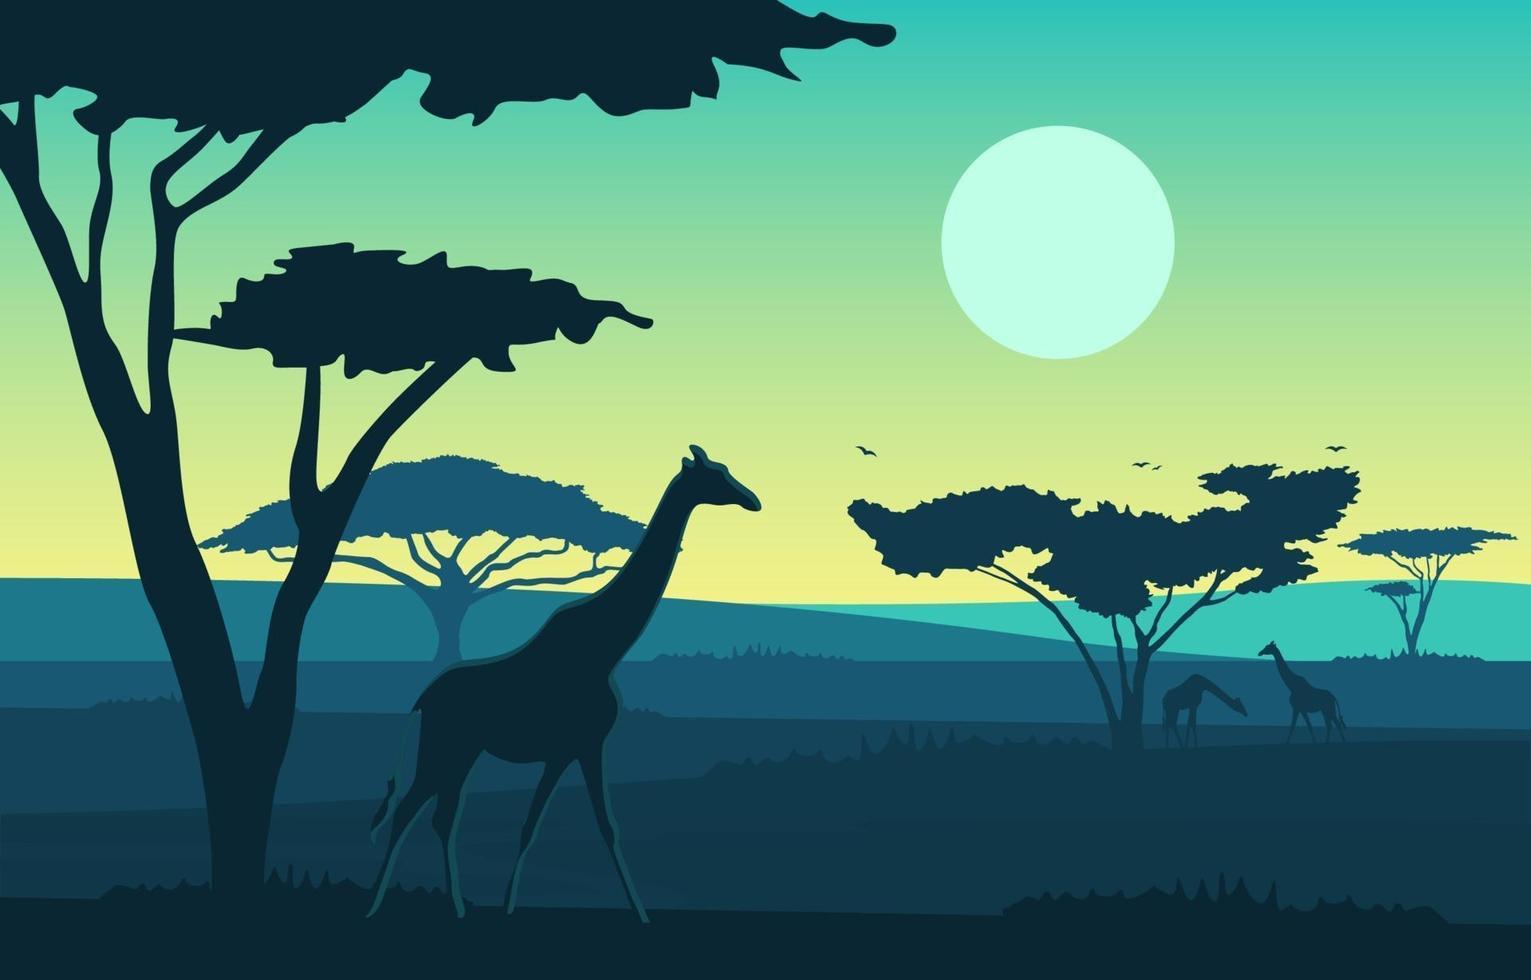 jirafas en la sabana africana paisaje ilustración vector